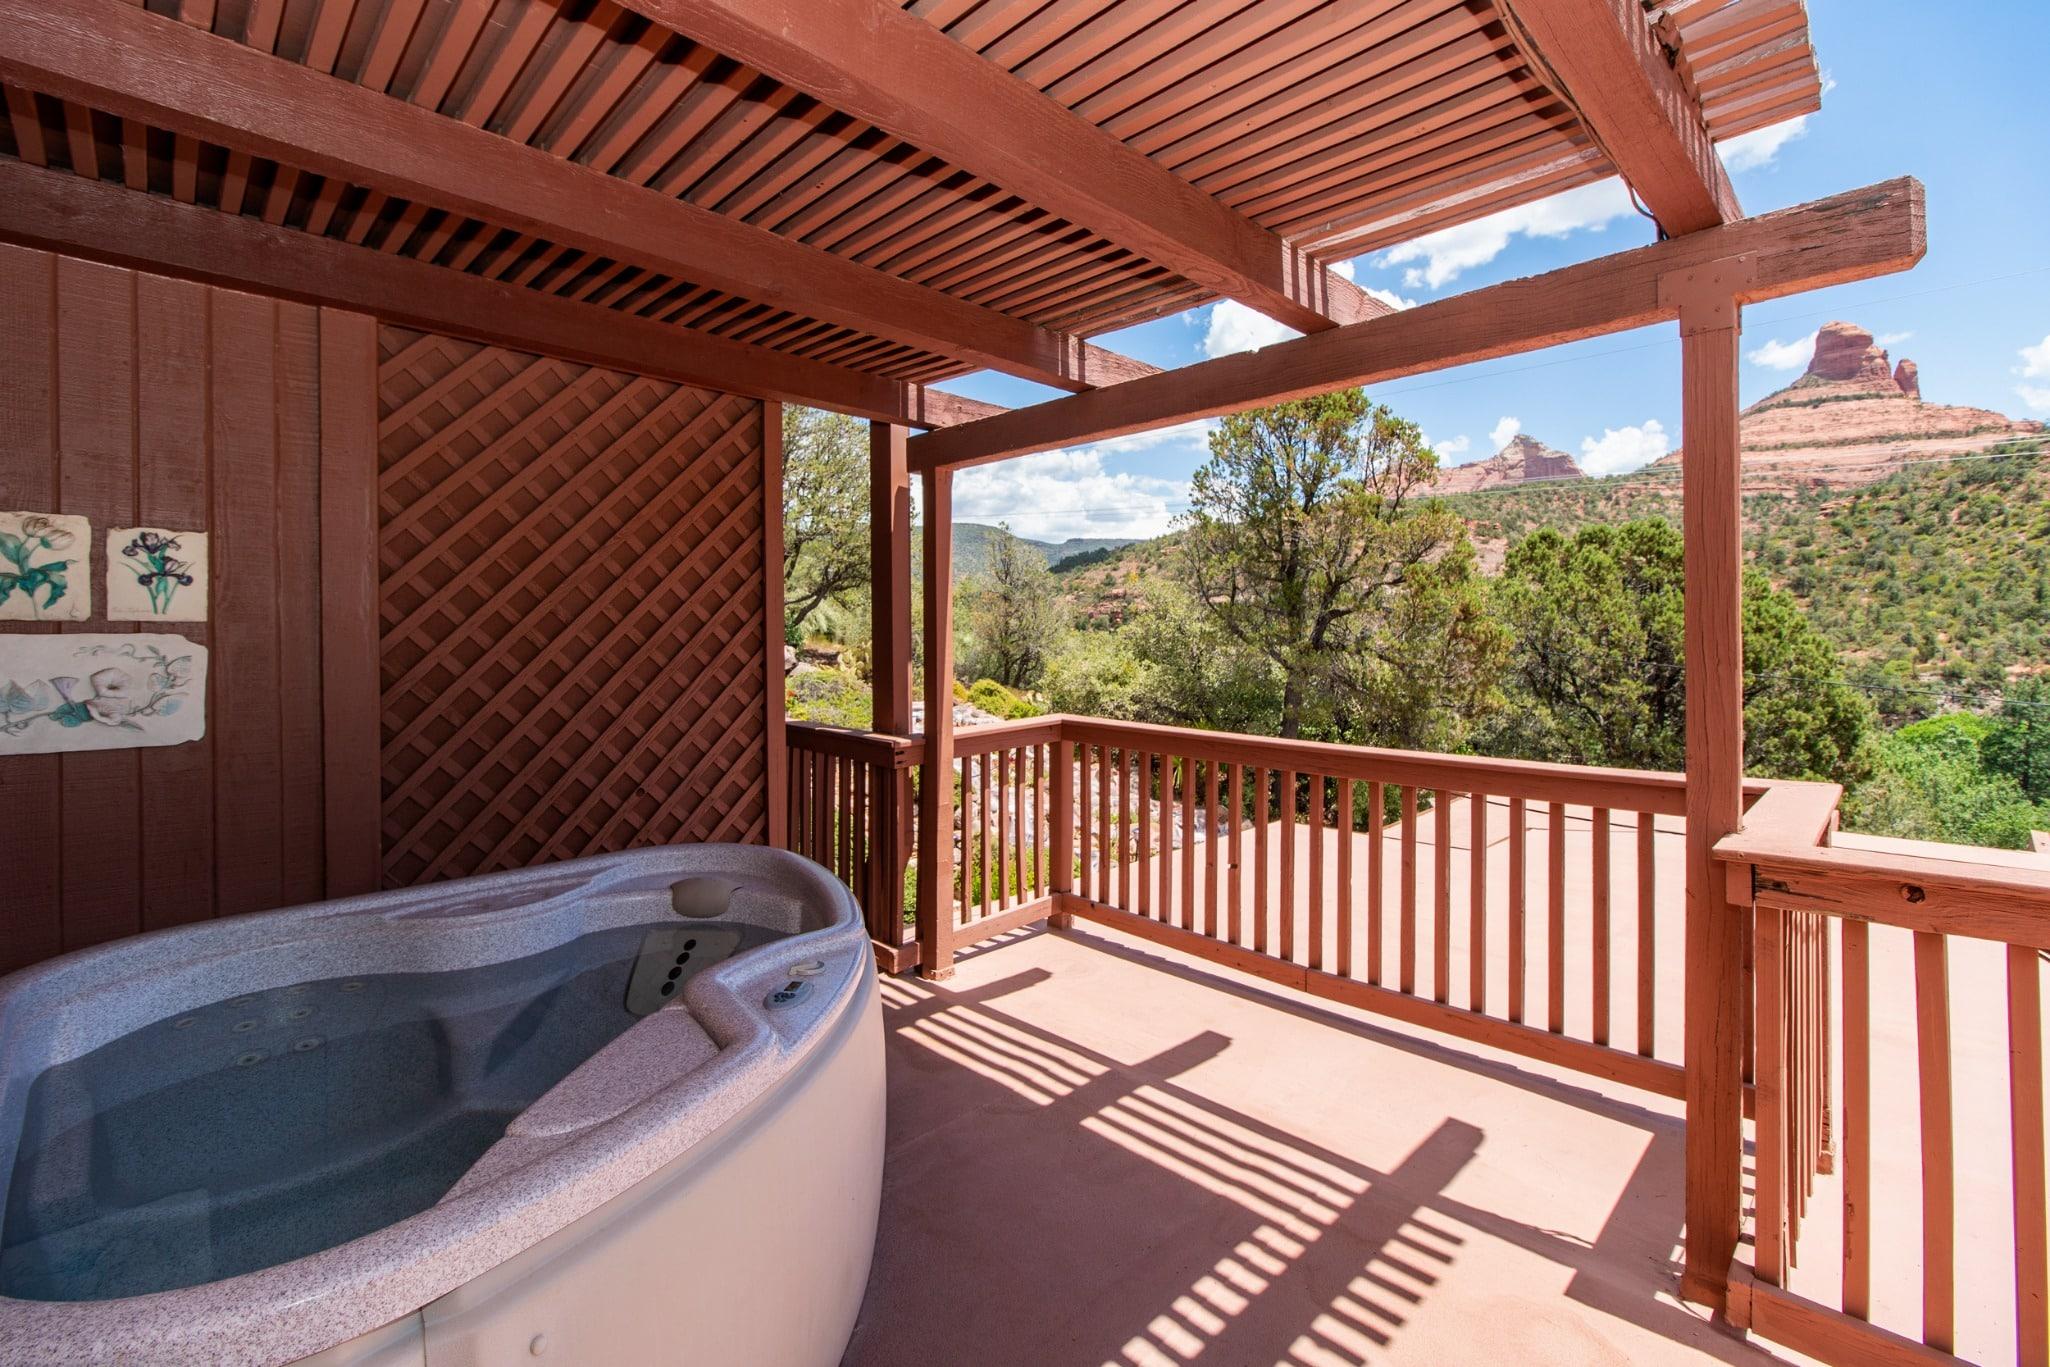 sedona, sedona bed and breakfast, sedona hotel with hot tub